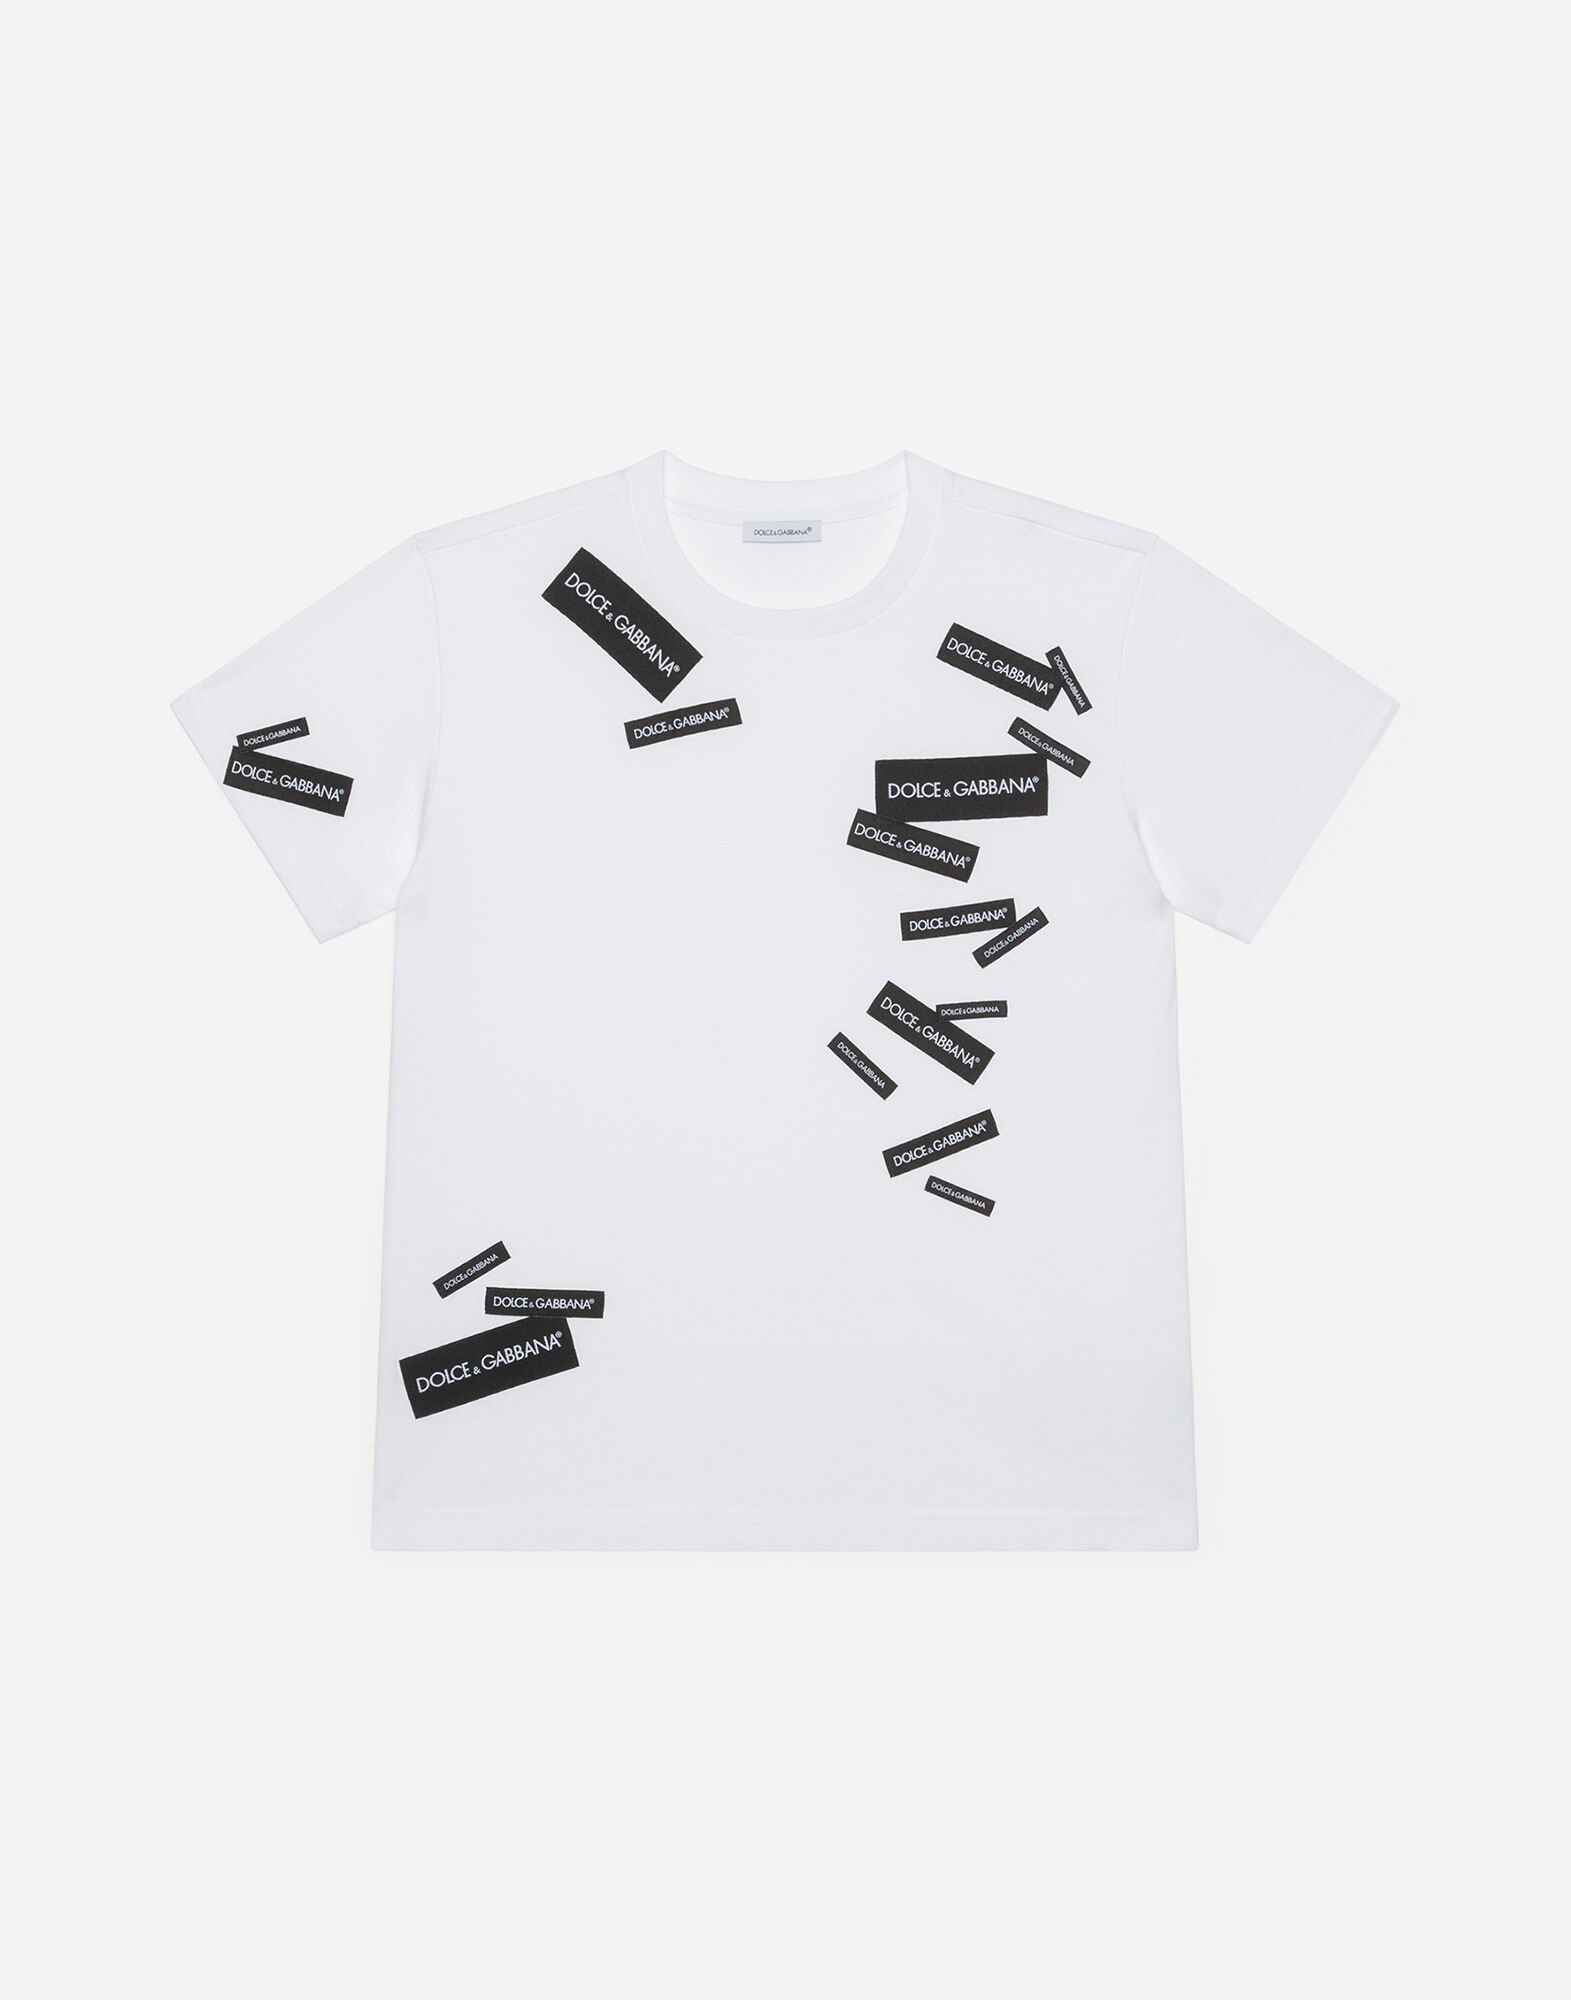 dolce gabbana t shirt